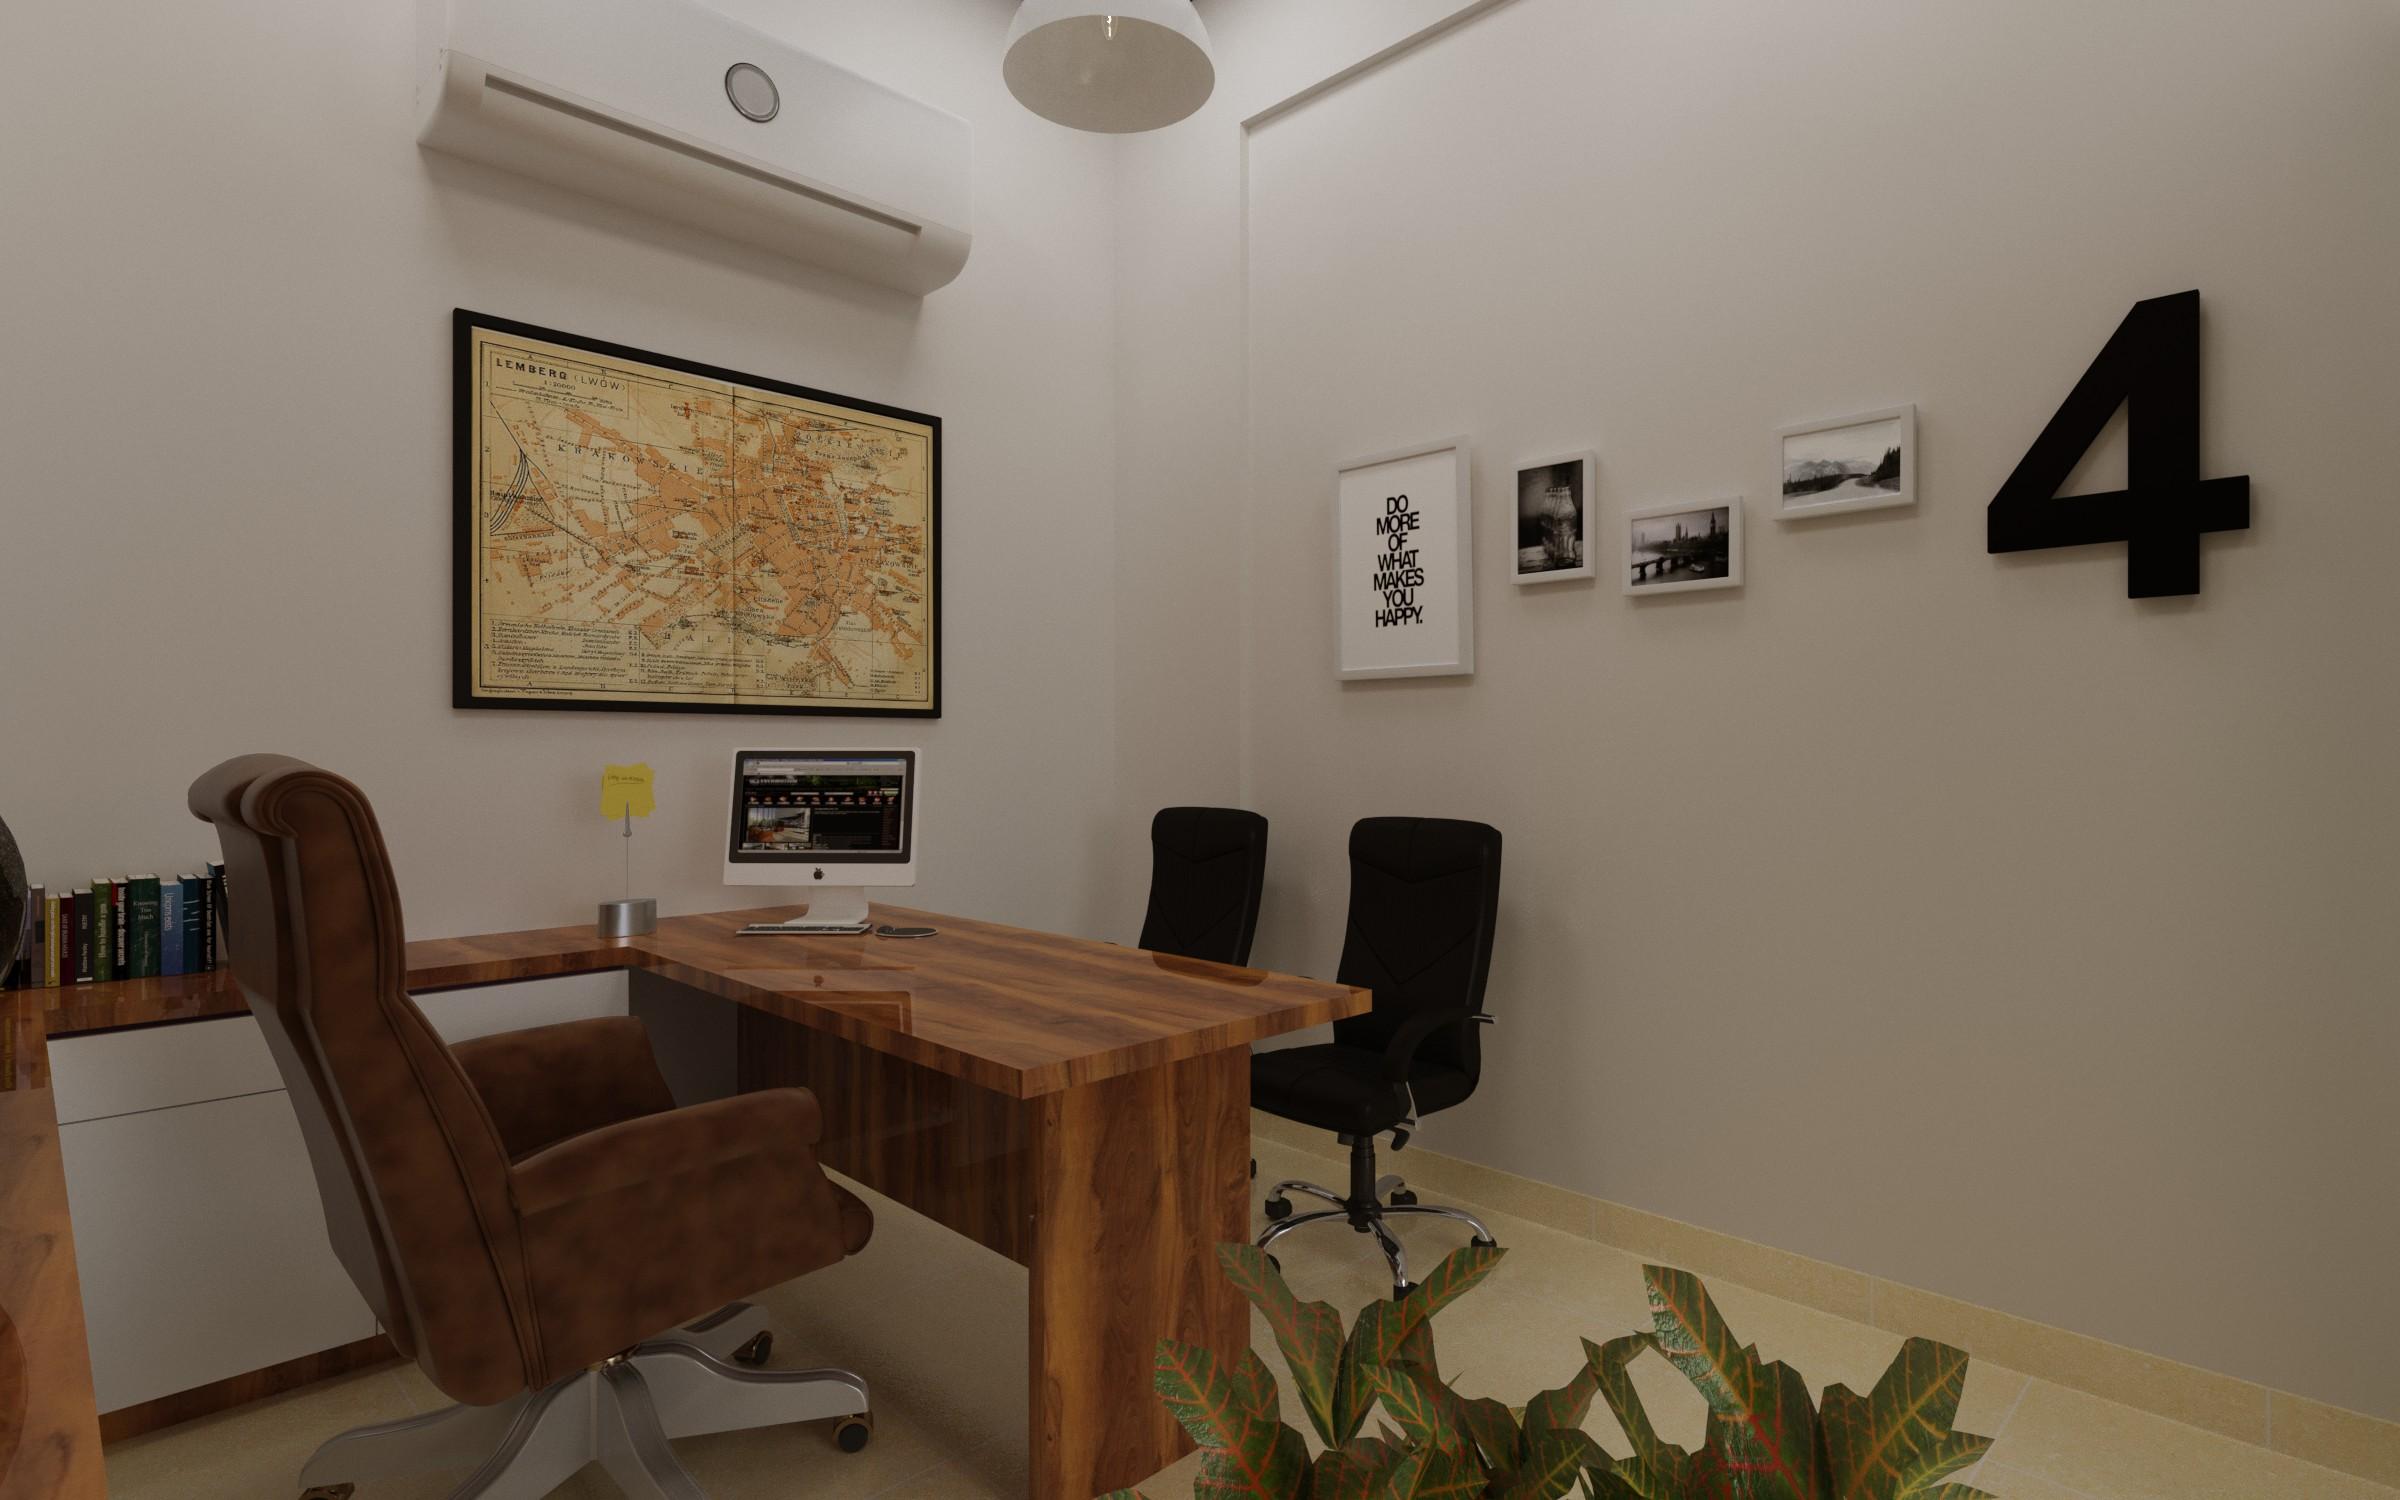 VAA1 gallery